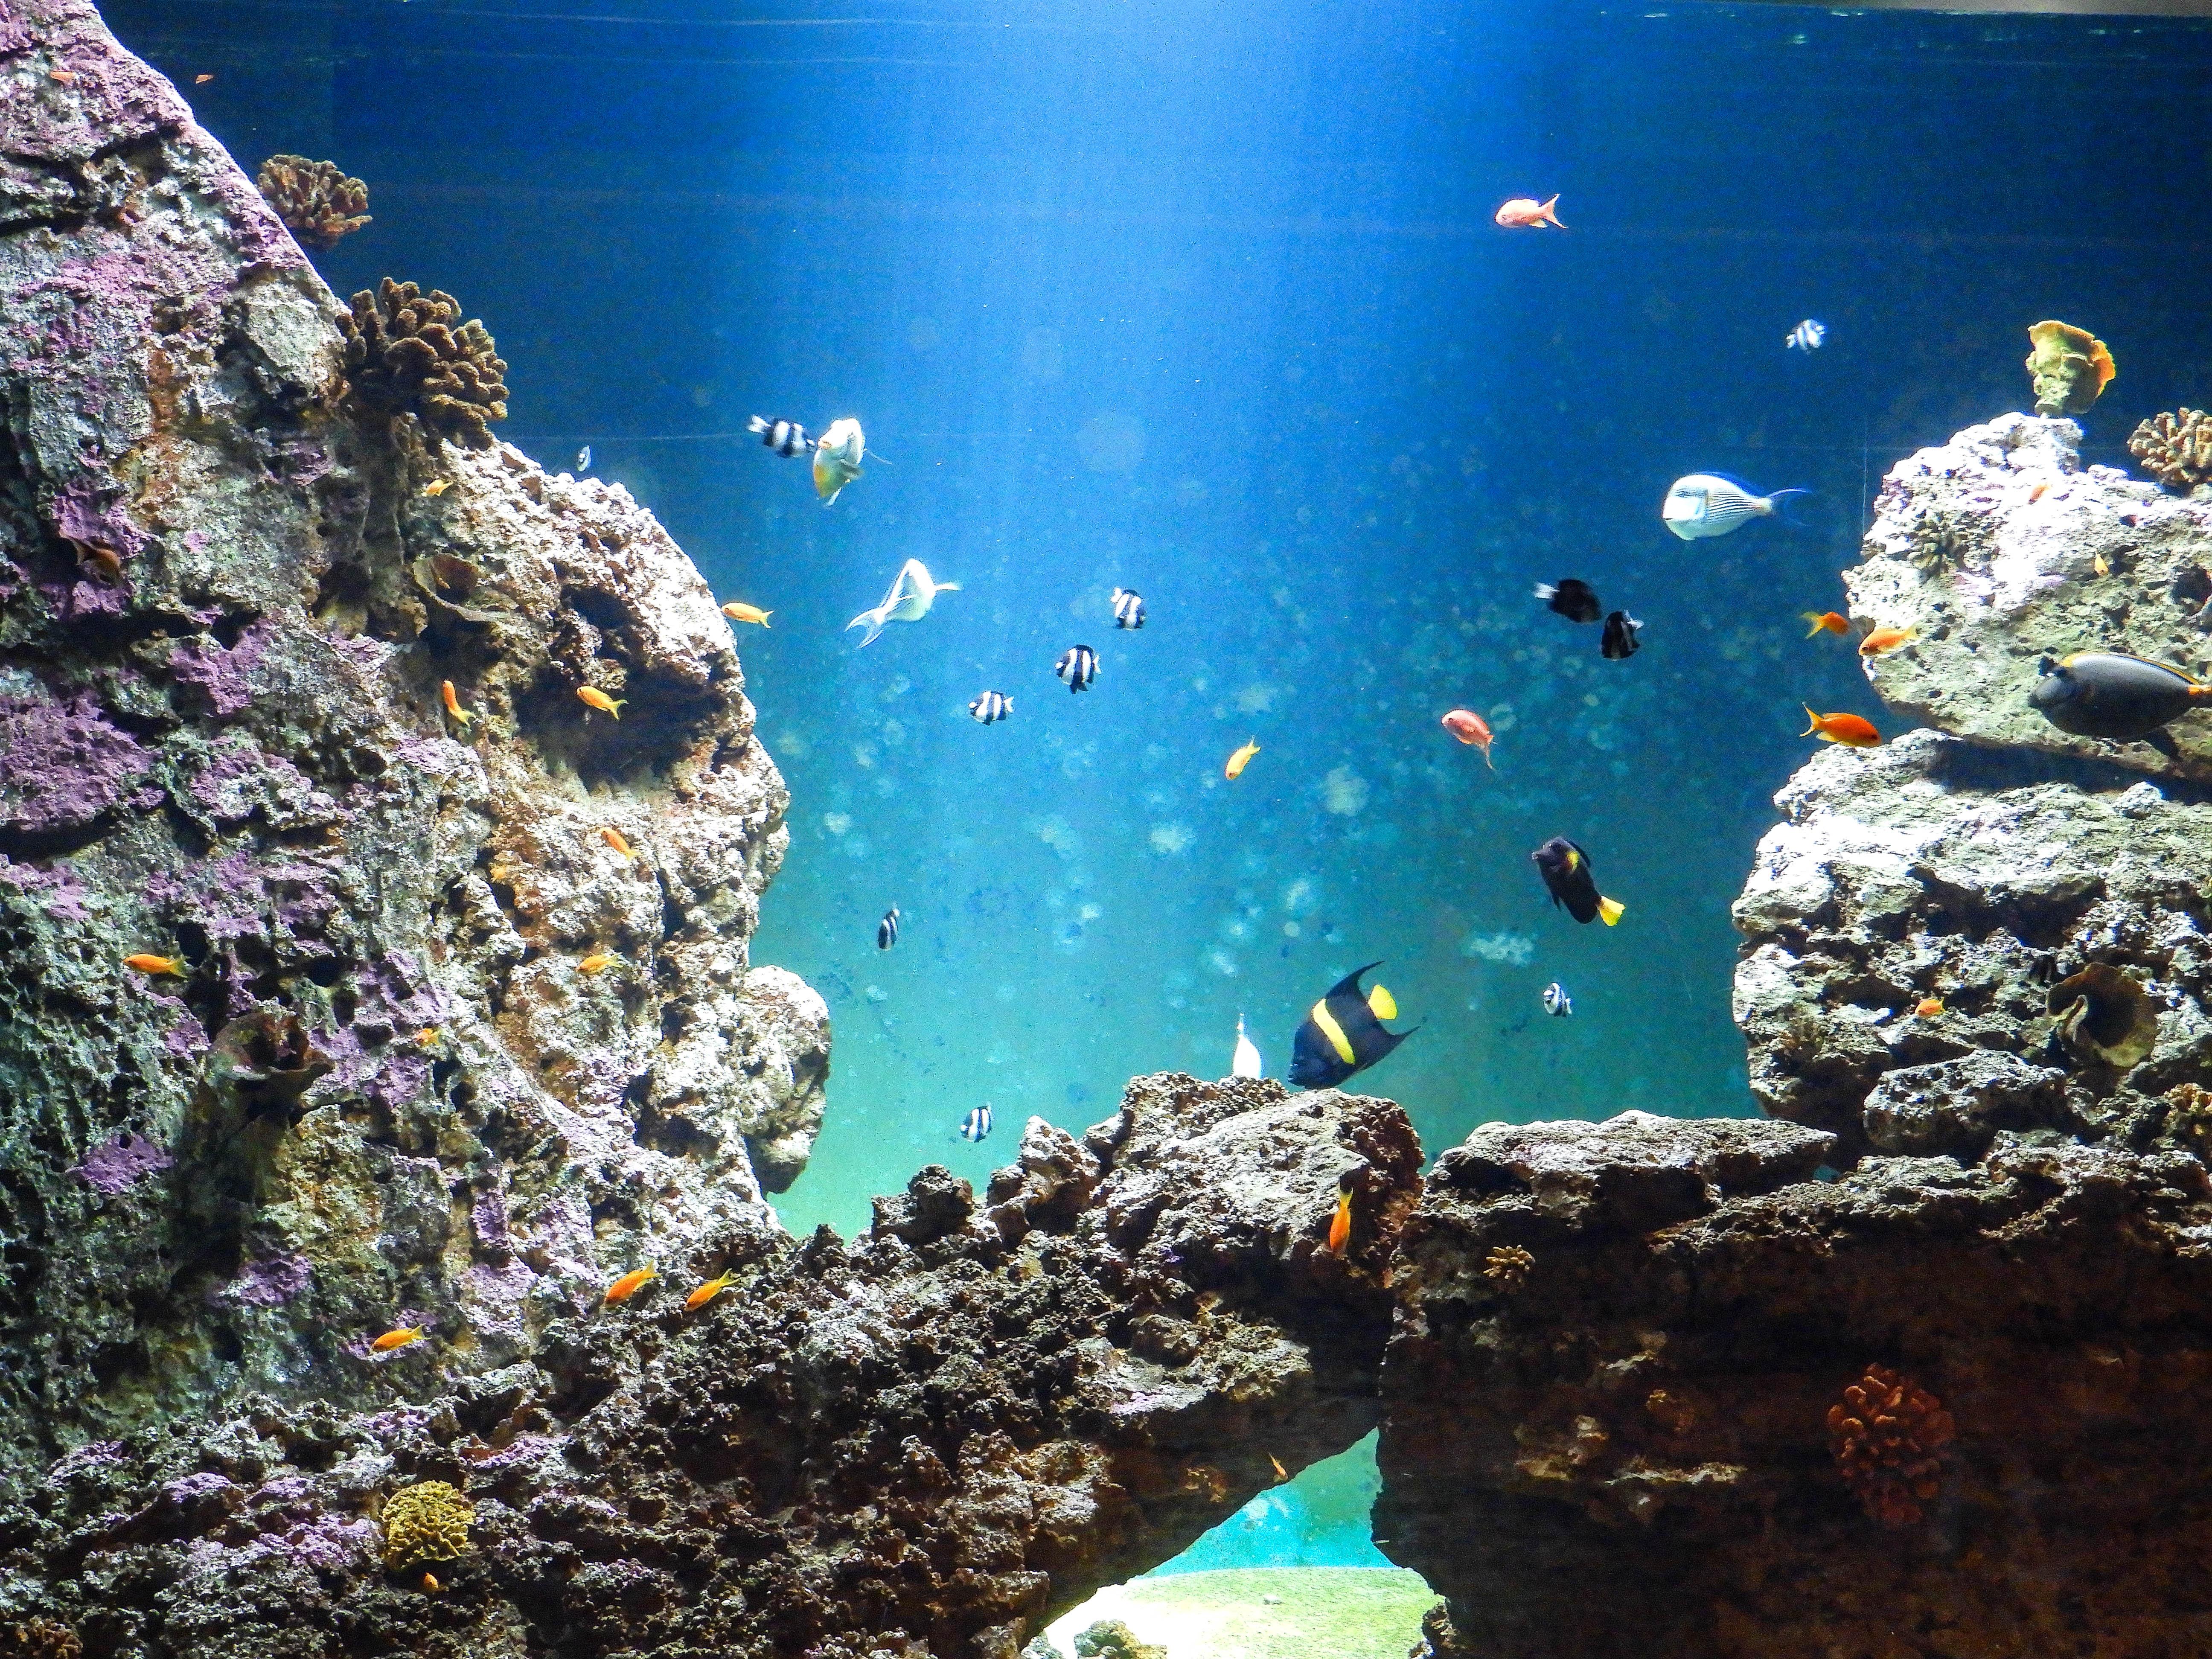 aquarium-talmont-saint-hilaire-animations-aquarium-de-vendee